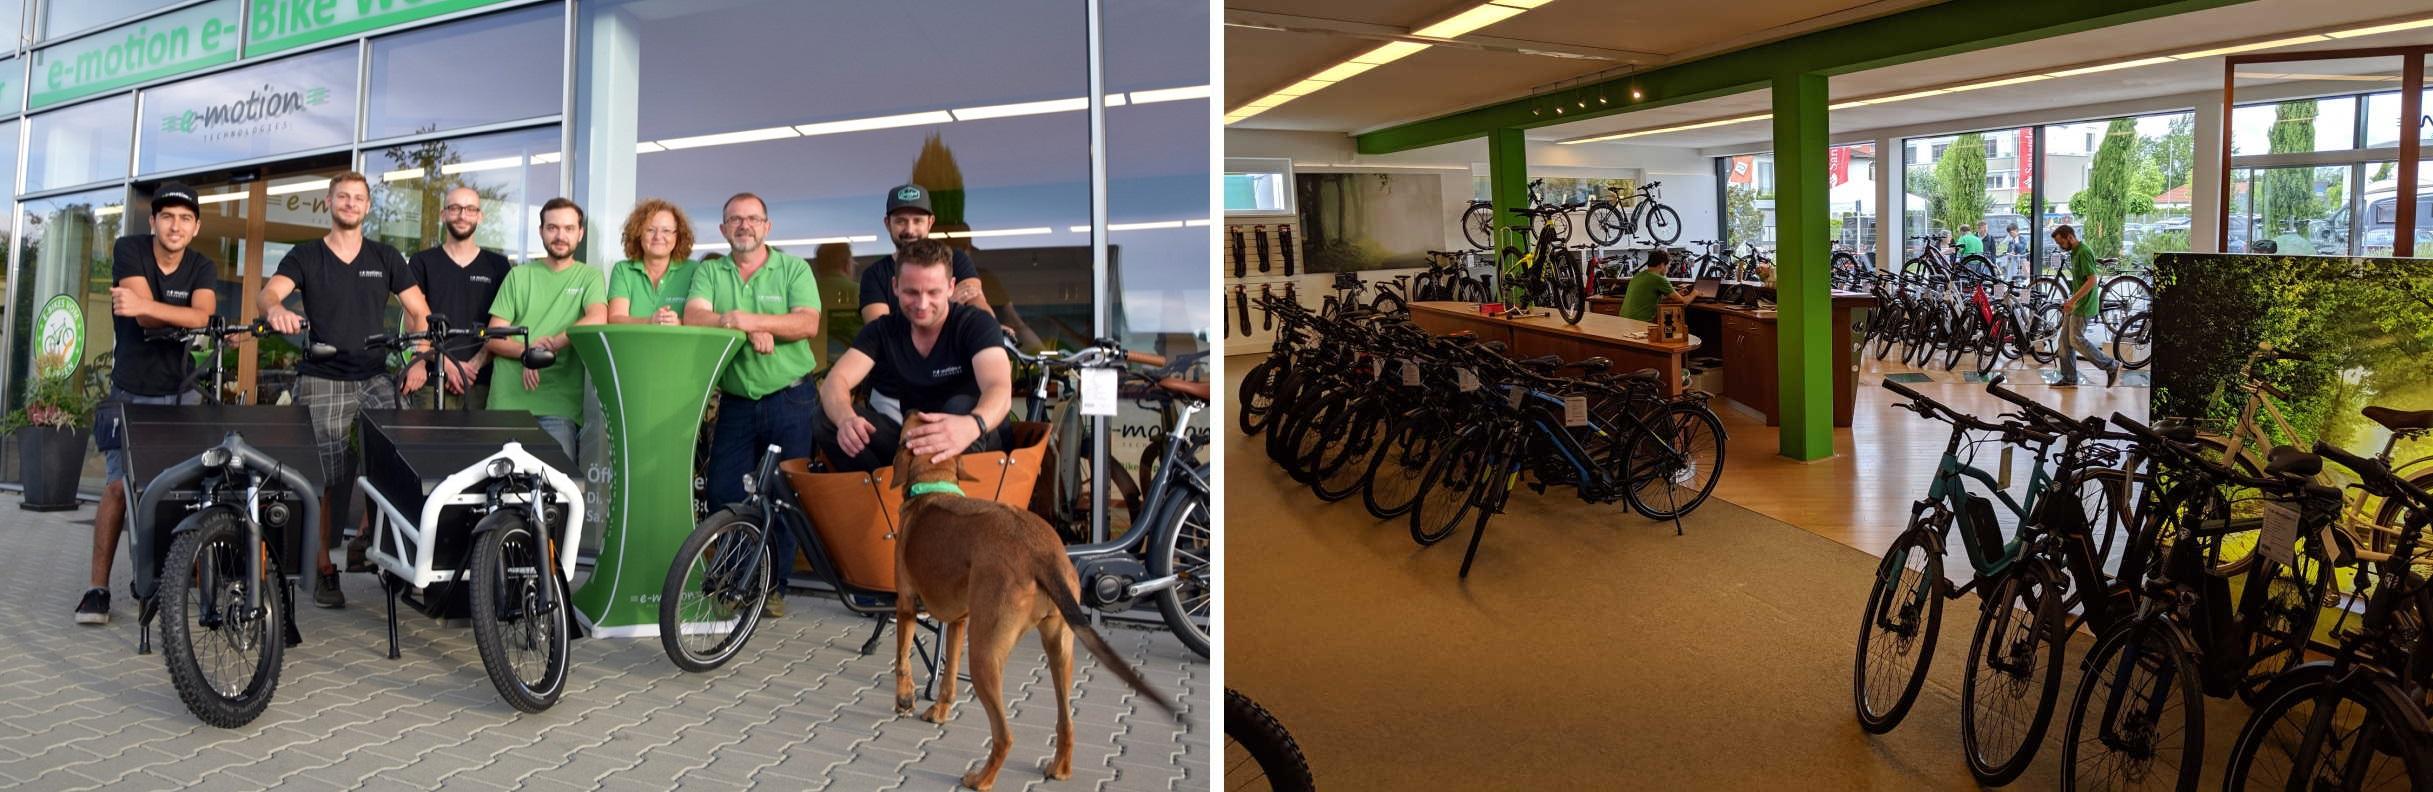 e-motion e-Bike Welt Freiburg Süd